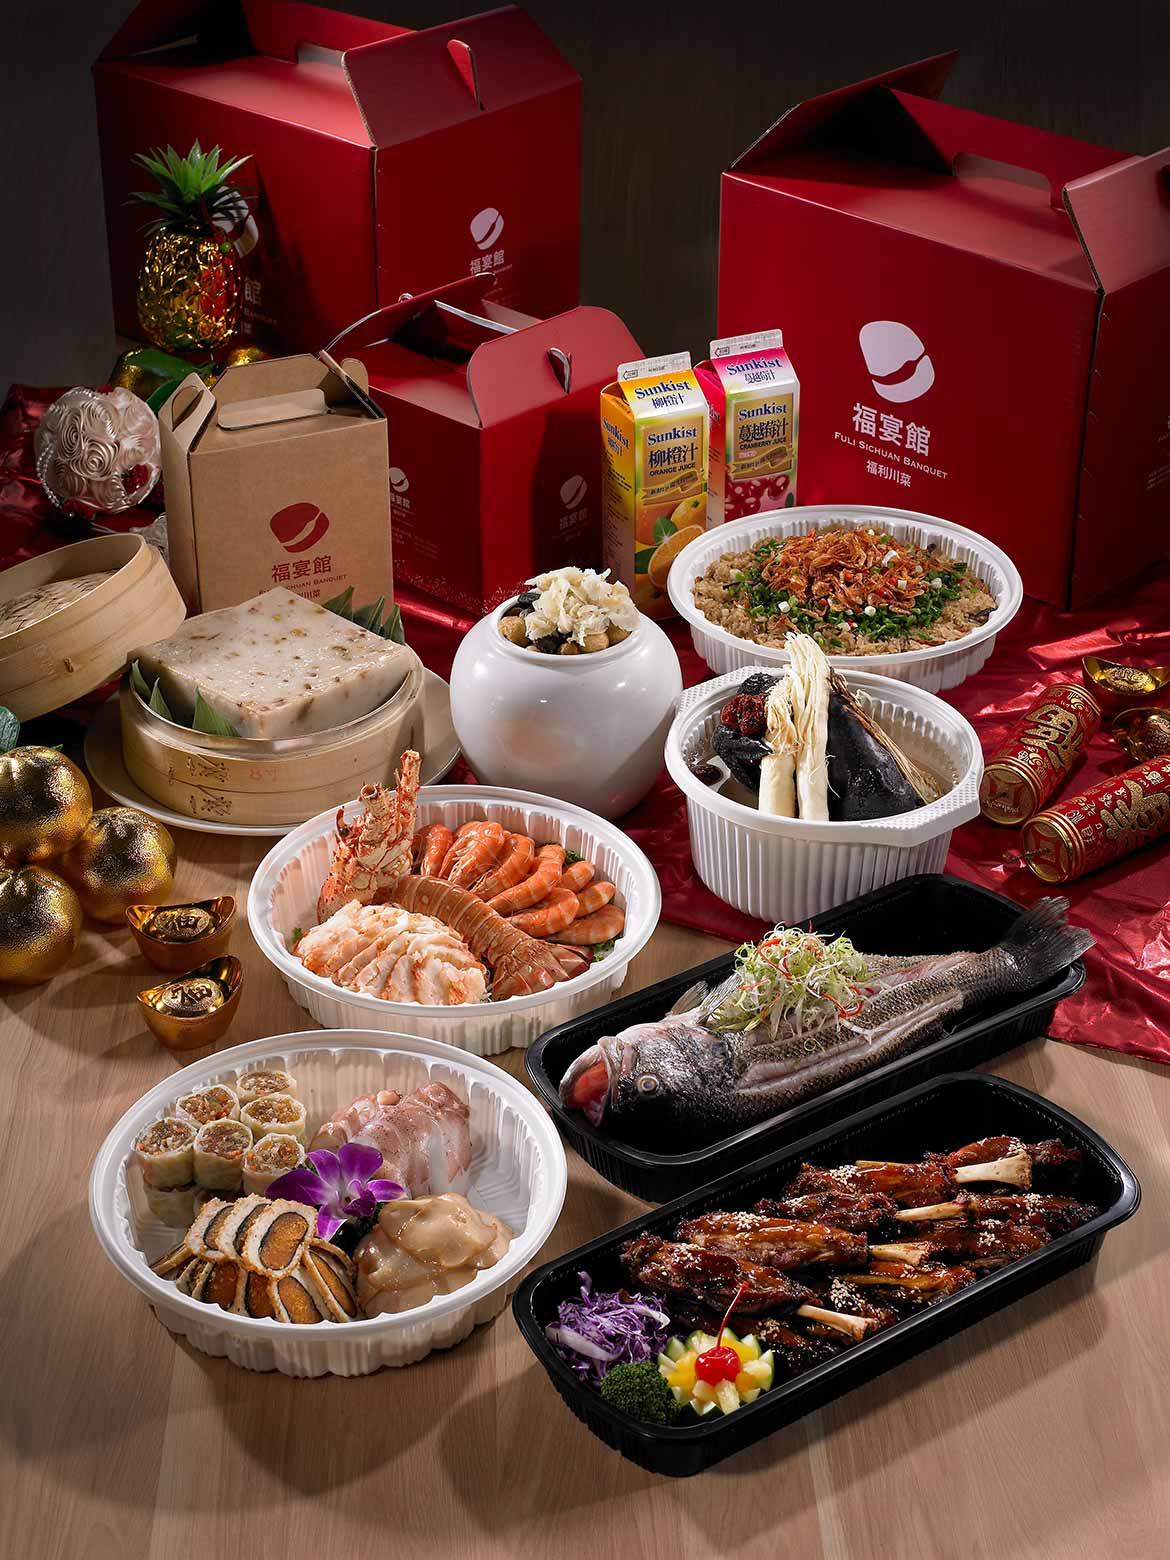 年菜外帶 - 福宴館(福利川菜) - 幸福, 就是把心放在快樂的地方。